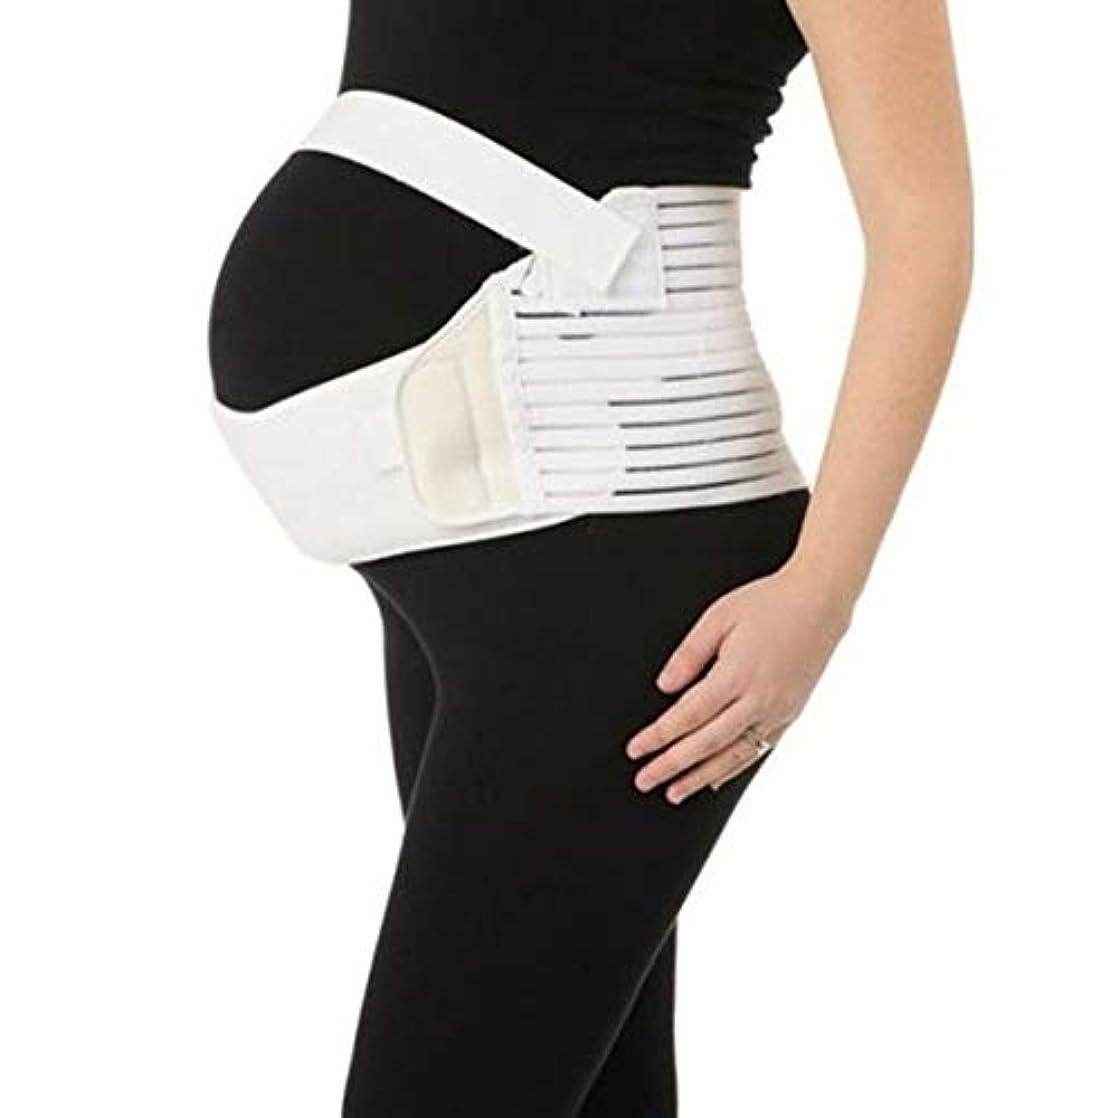 信頼できるジャングル時計回り通気性マタニティベルト妊娠腹部サポート腹部バインダーガードル運動包帯産後の回復shapewear - ホワイトL